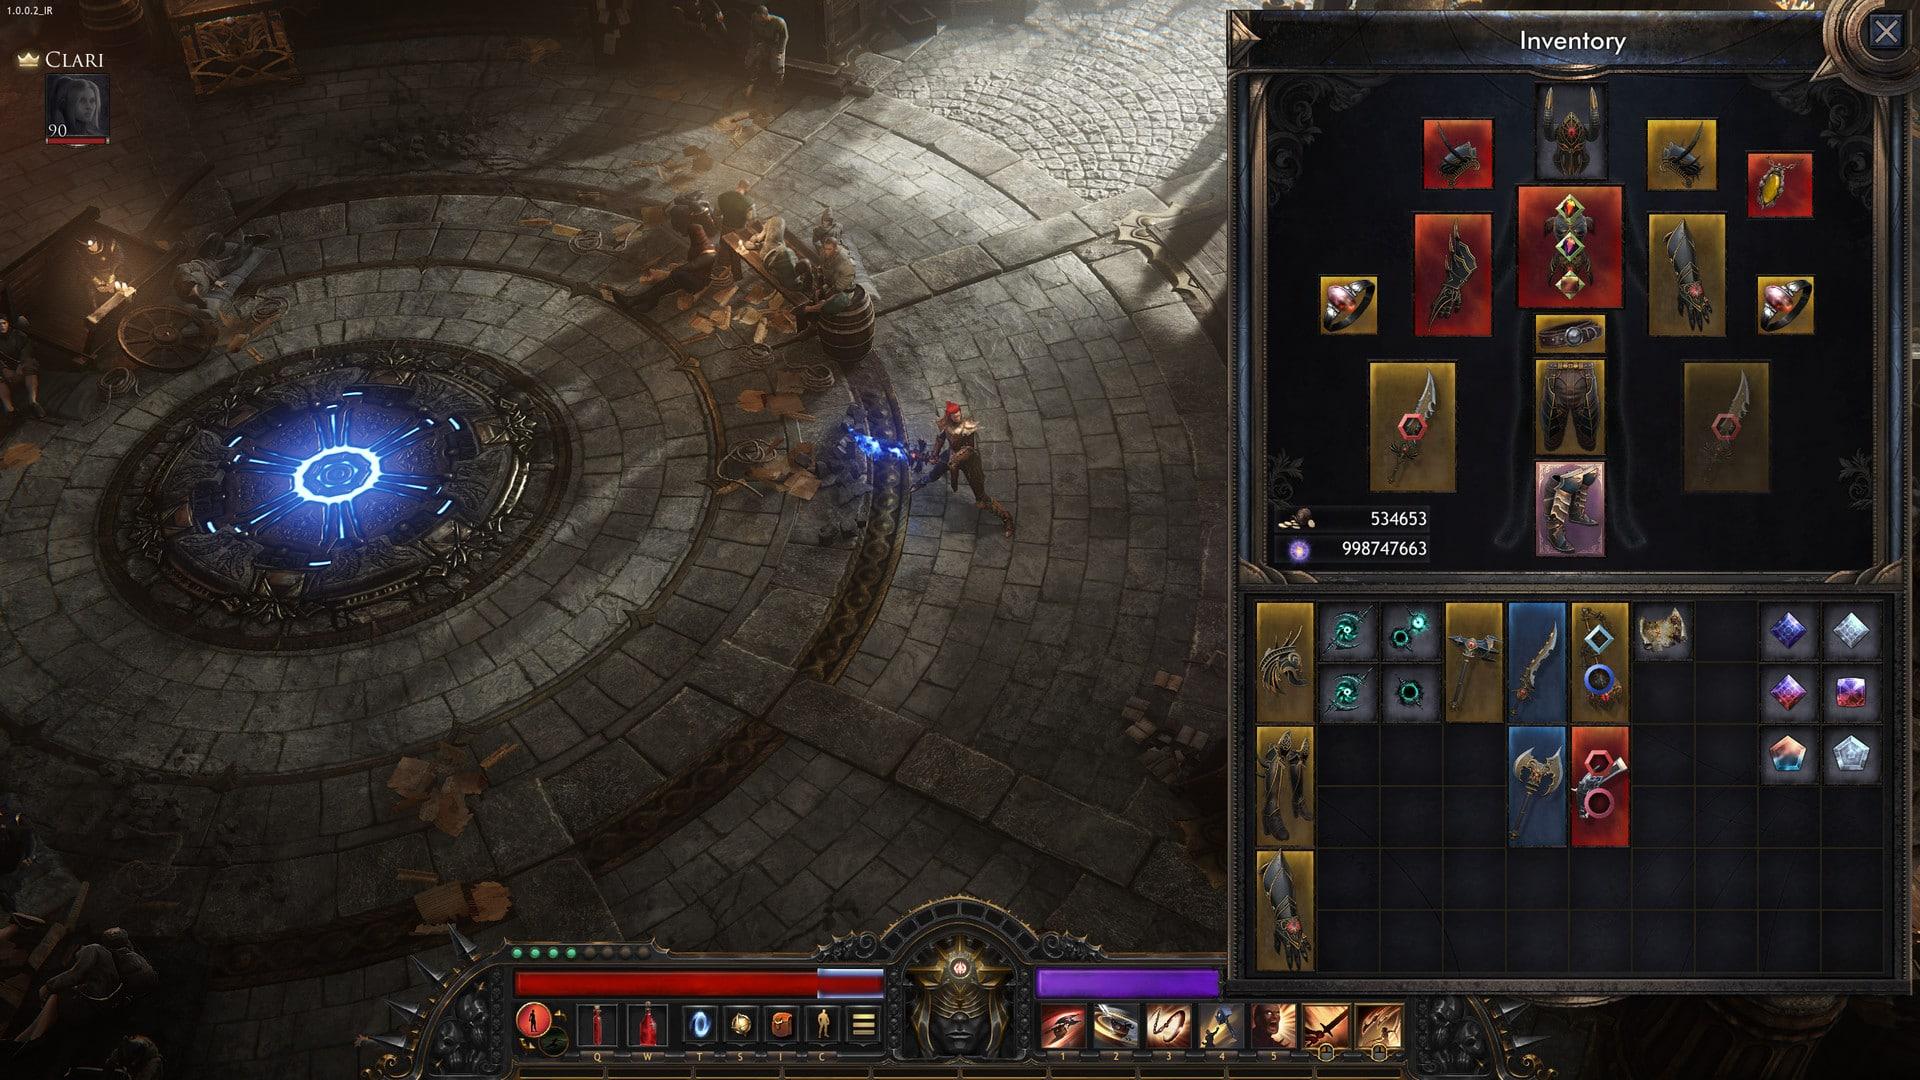 خرید استیم گیفت Wolcen: Lords of Mayhem اسکرین شات 1